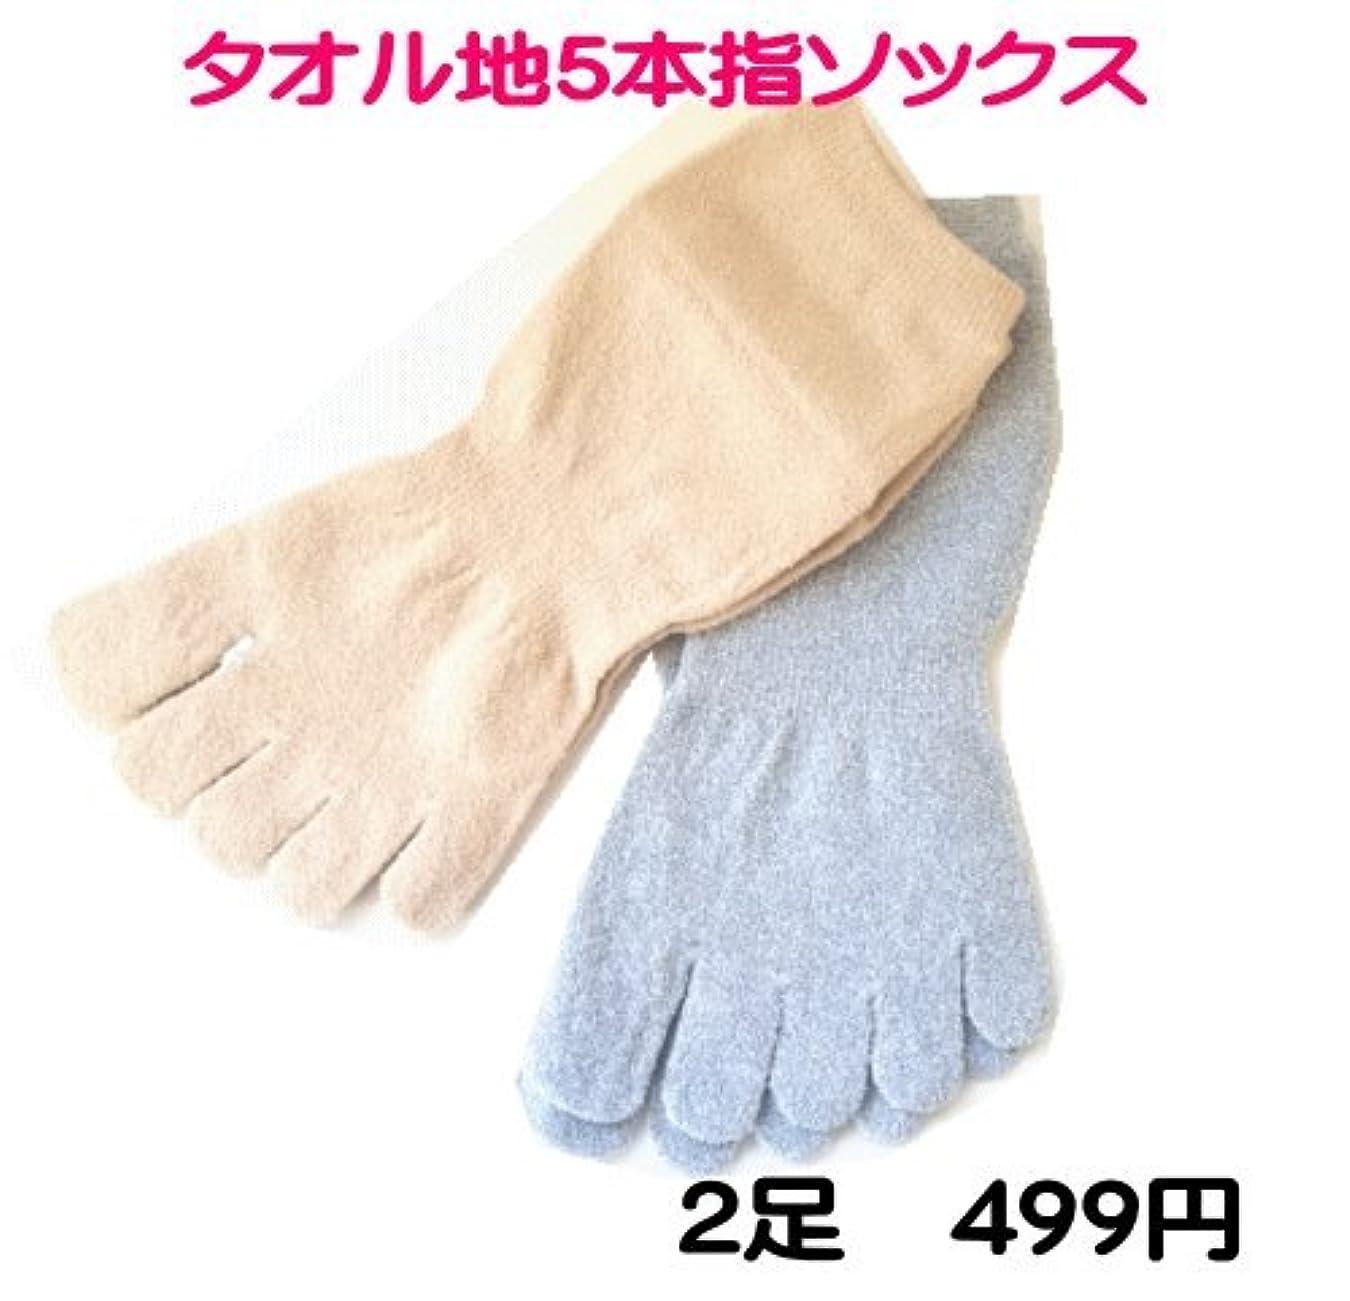 最初に倉庫伝説在庫一掃 タオルのような肌触り 5本指 ソックス ショート丈 2足組 太陽ニット